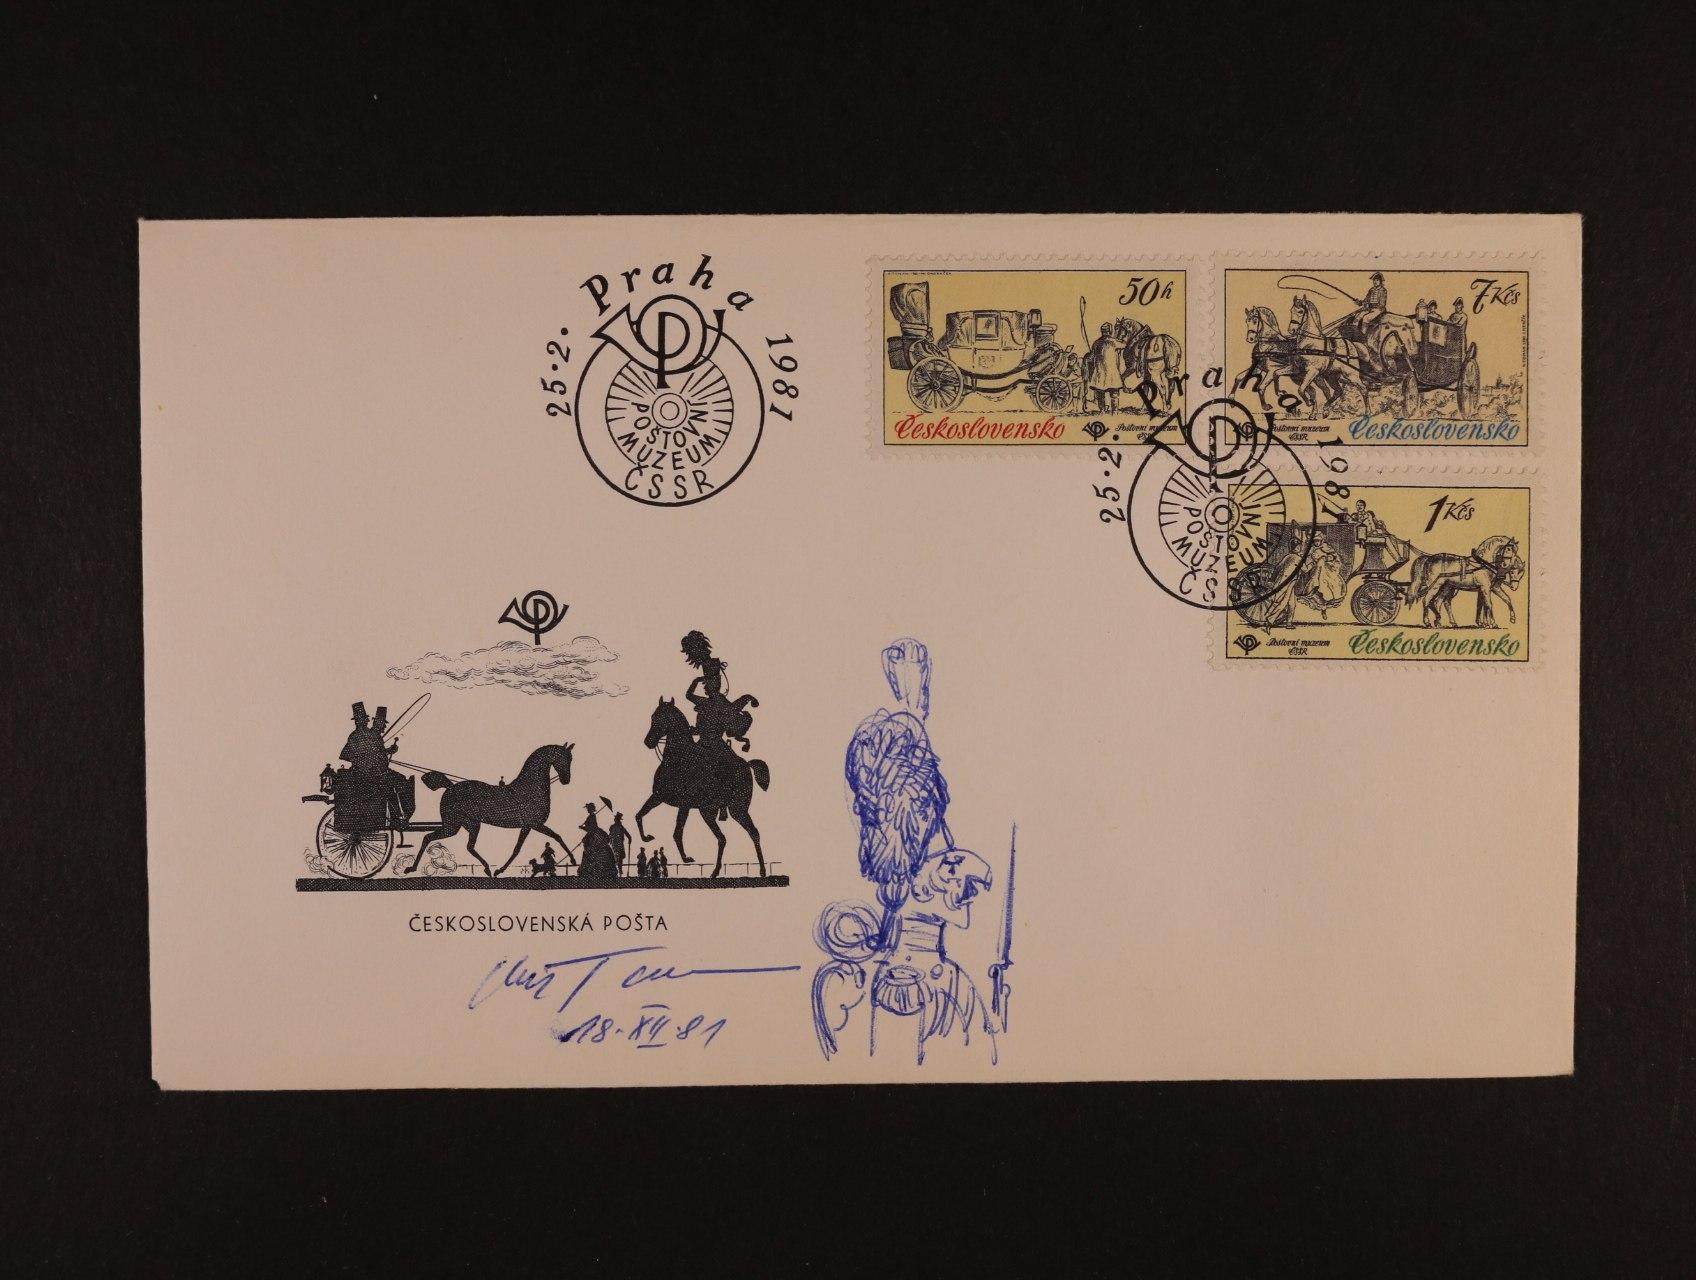 obálka FDC frank. zn. č. 2469, 2470, 2473 s kresbou a podpisem autora K. Tomana